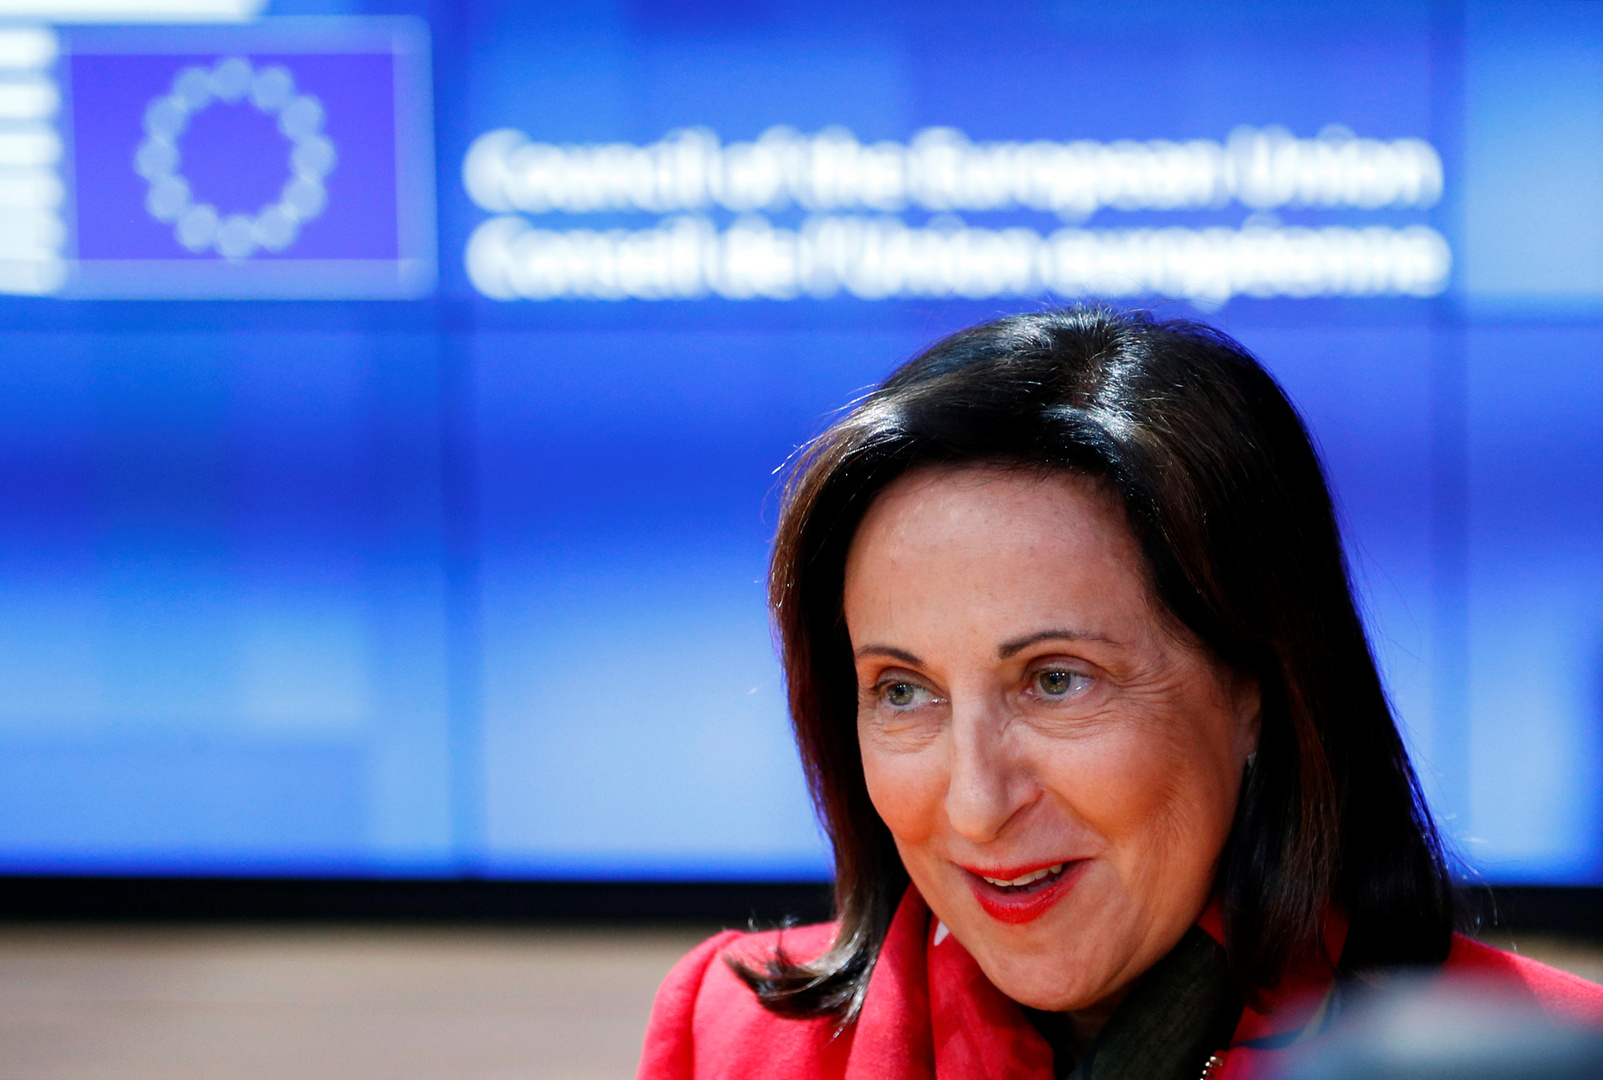 وزيرة الدفاع الإسبانية: مدينتا سبتة ومليلية إسبانيتان بالكامل تماما مثل مدريد